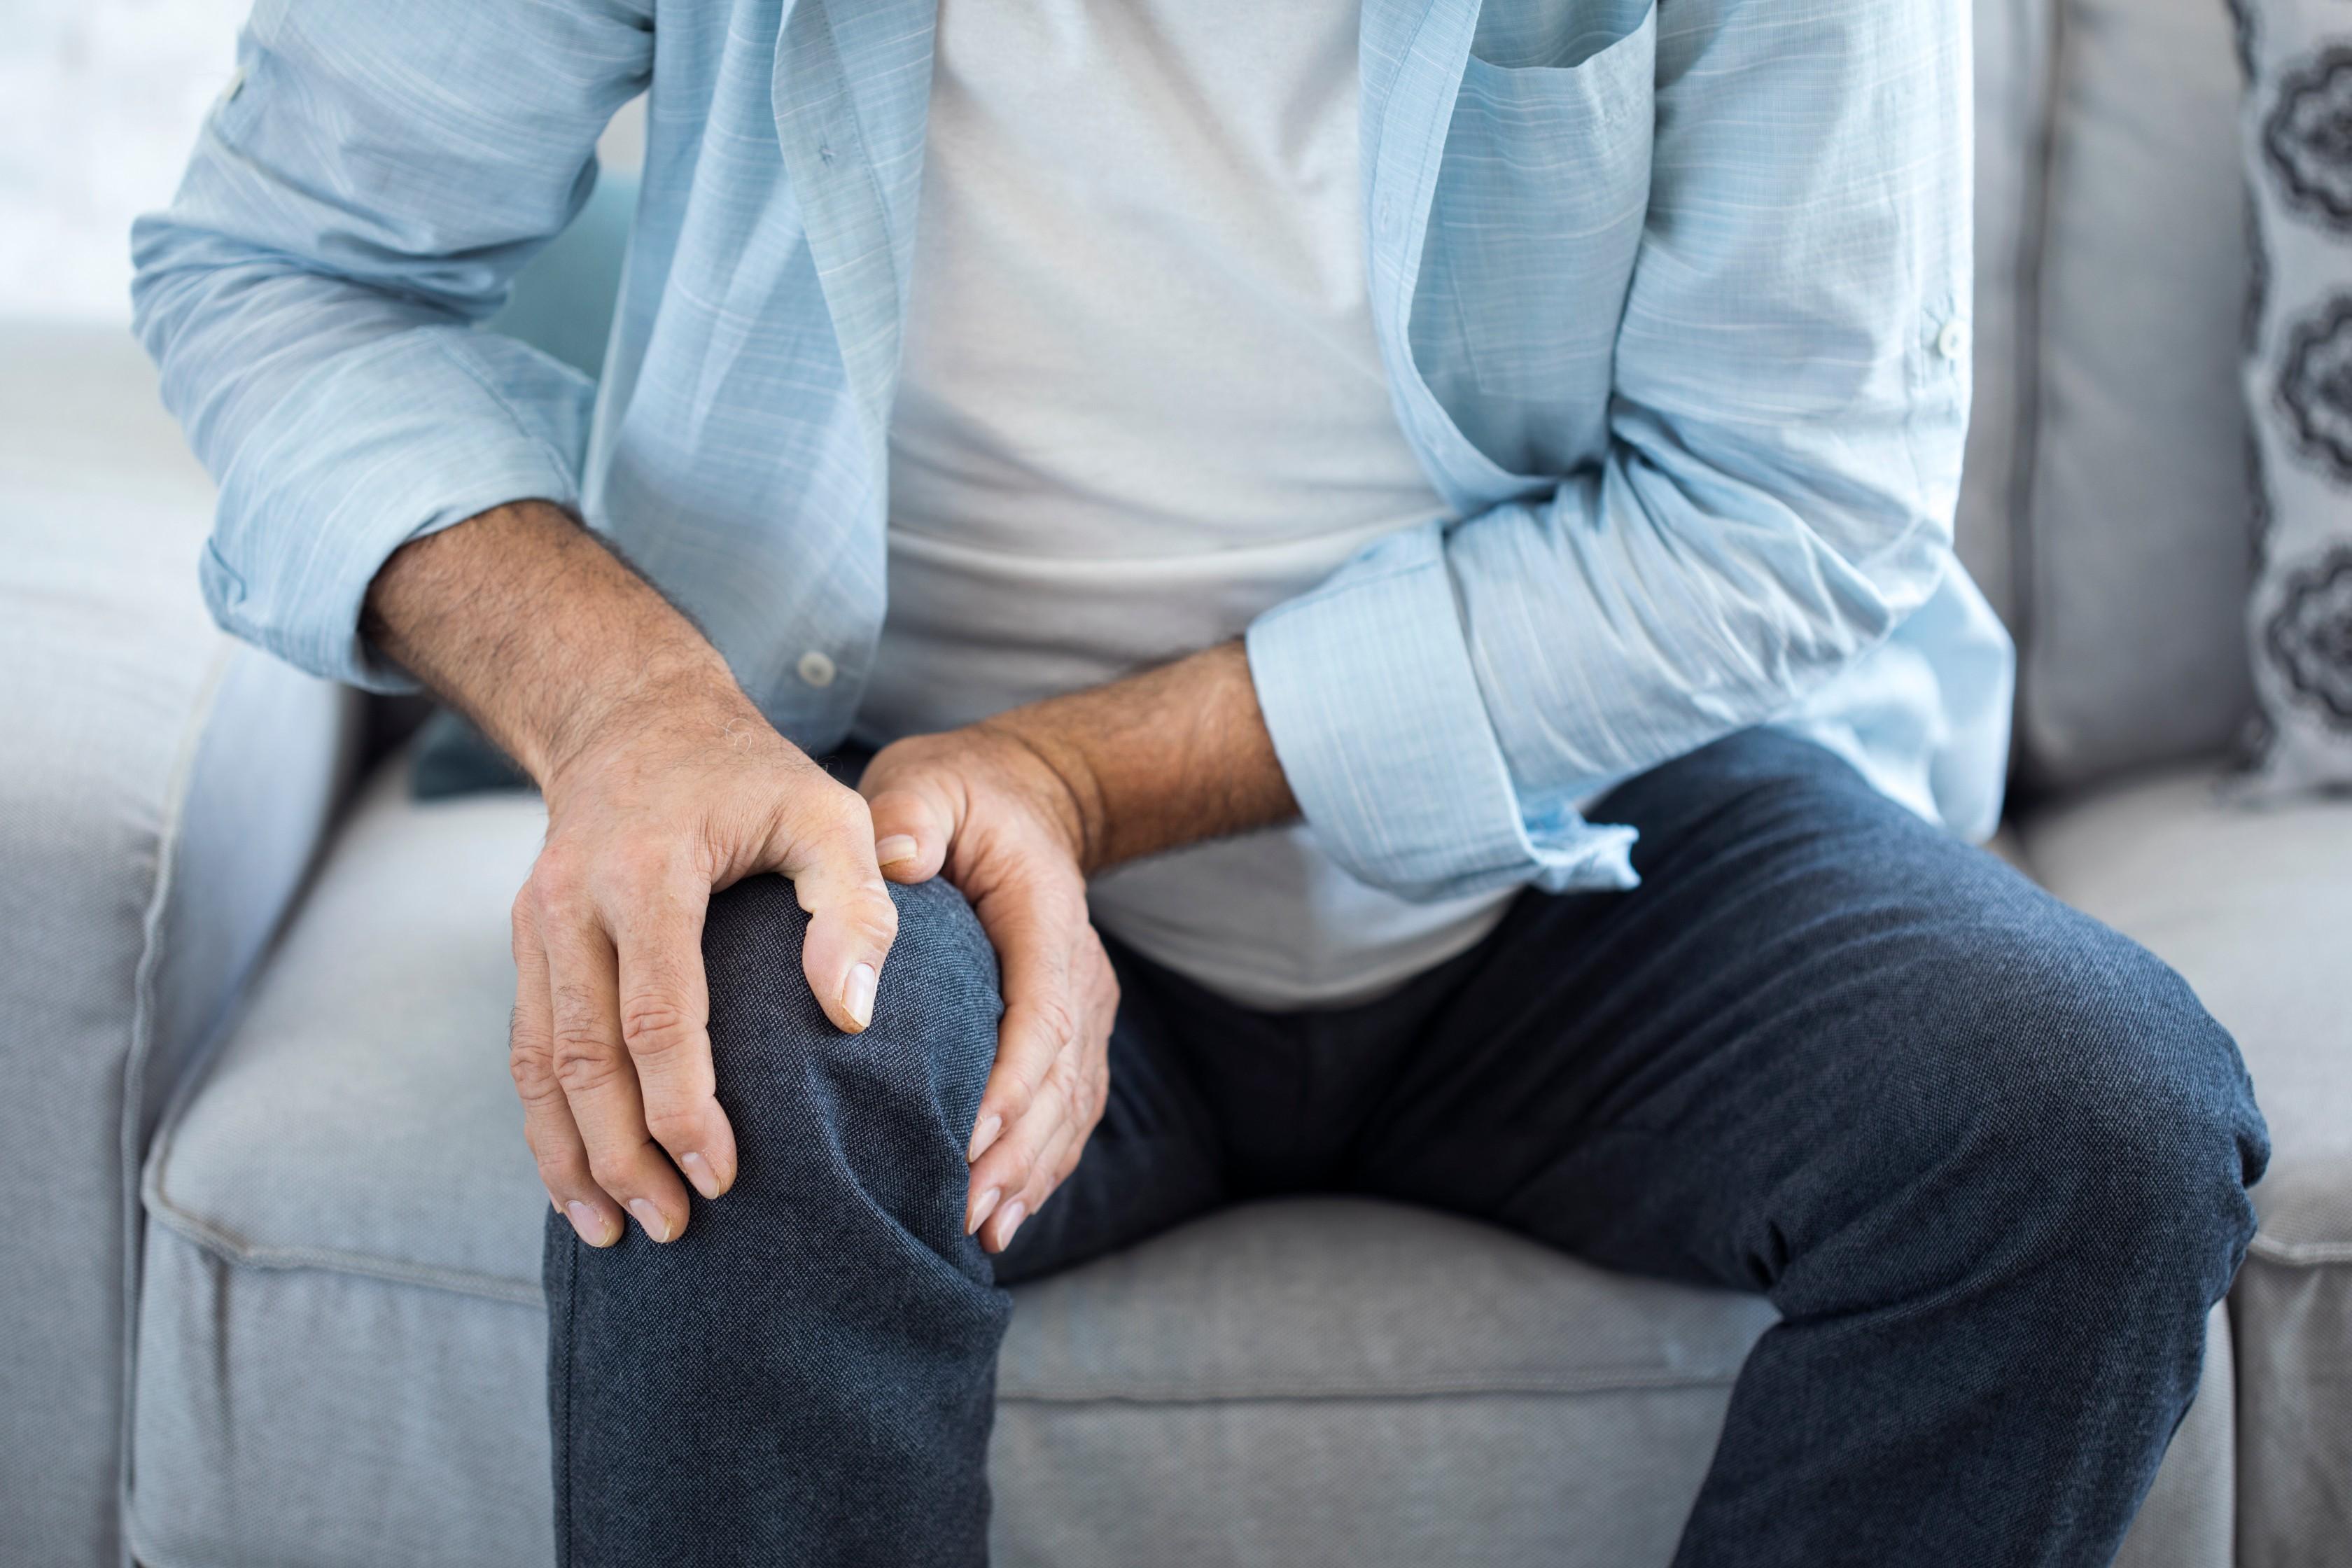 ízületek, karok és lábak fájnak térd osteoporosis 3 fokos kezelése